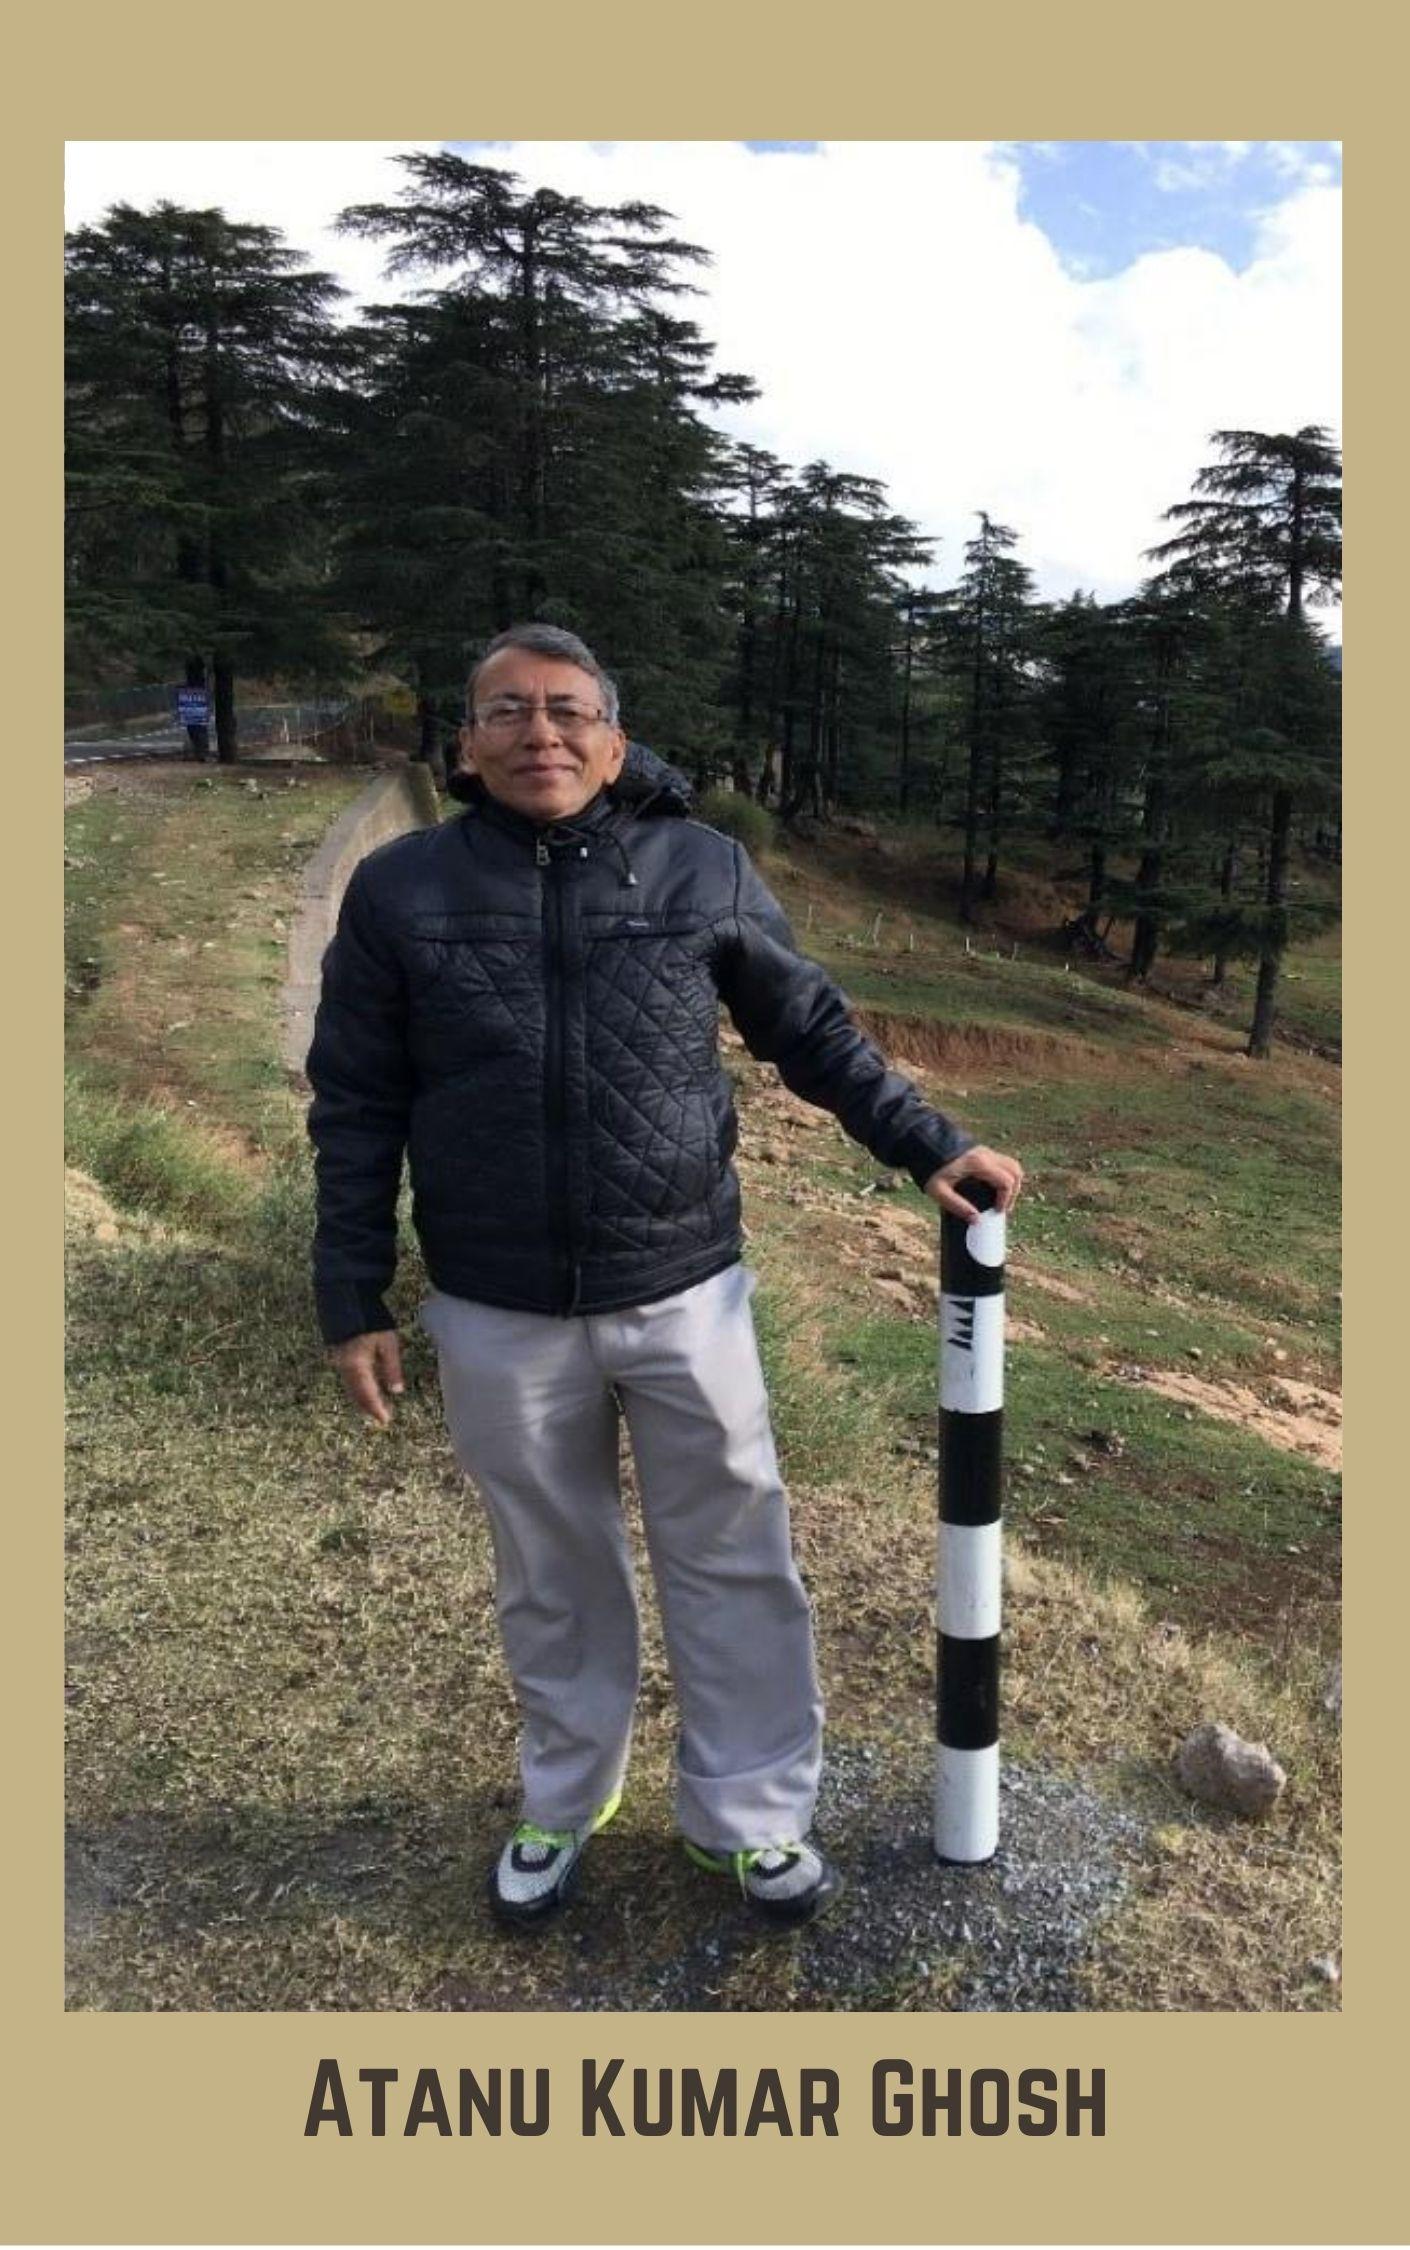 Atanu Kumar Ghosh